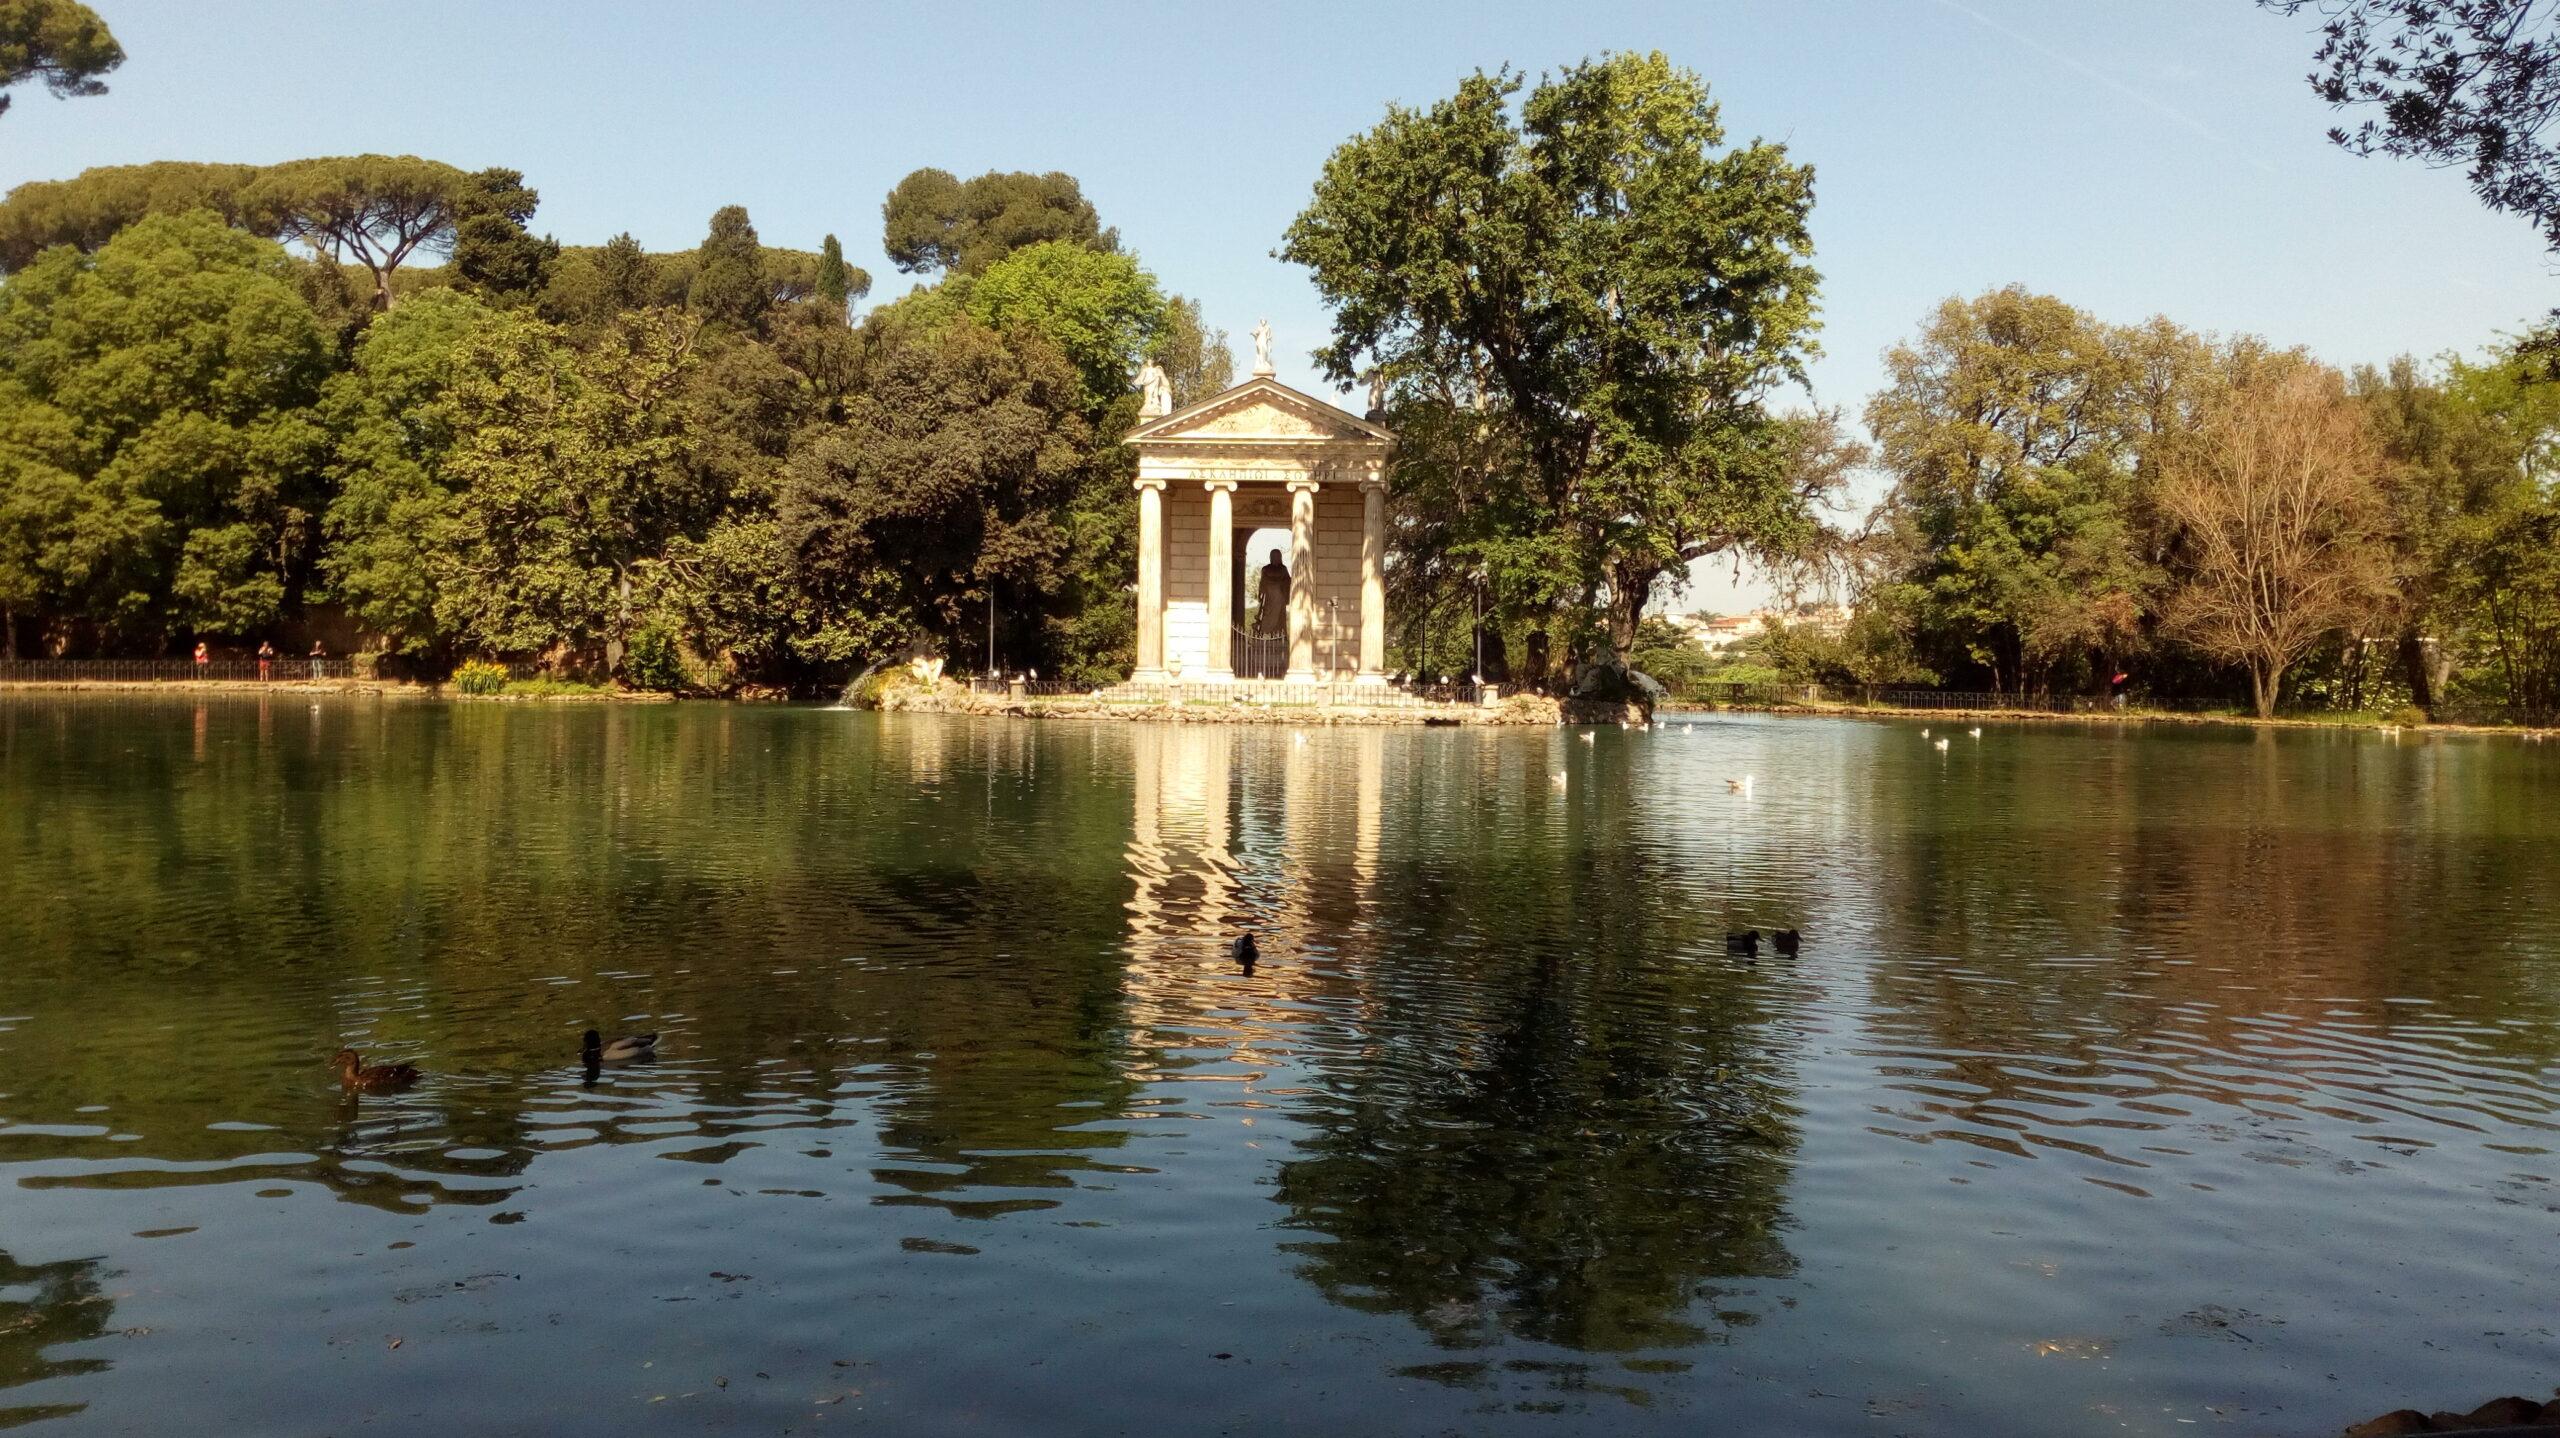 Villa Borghese - Rome - Italy